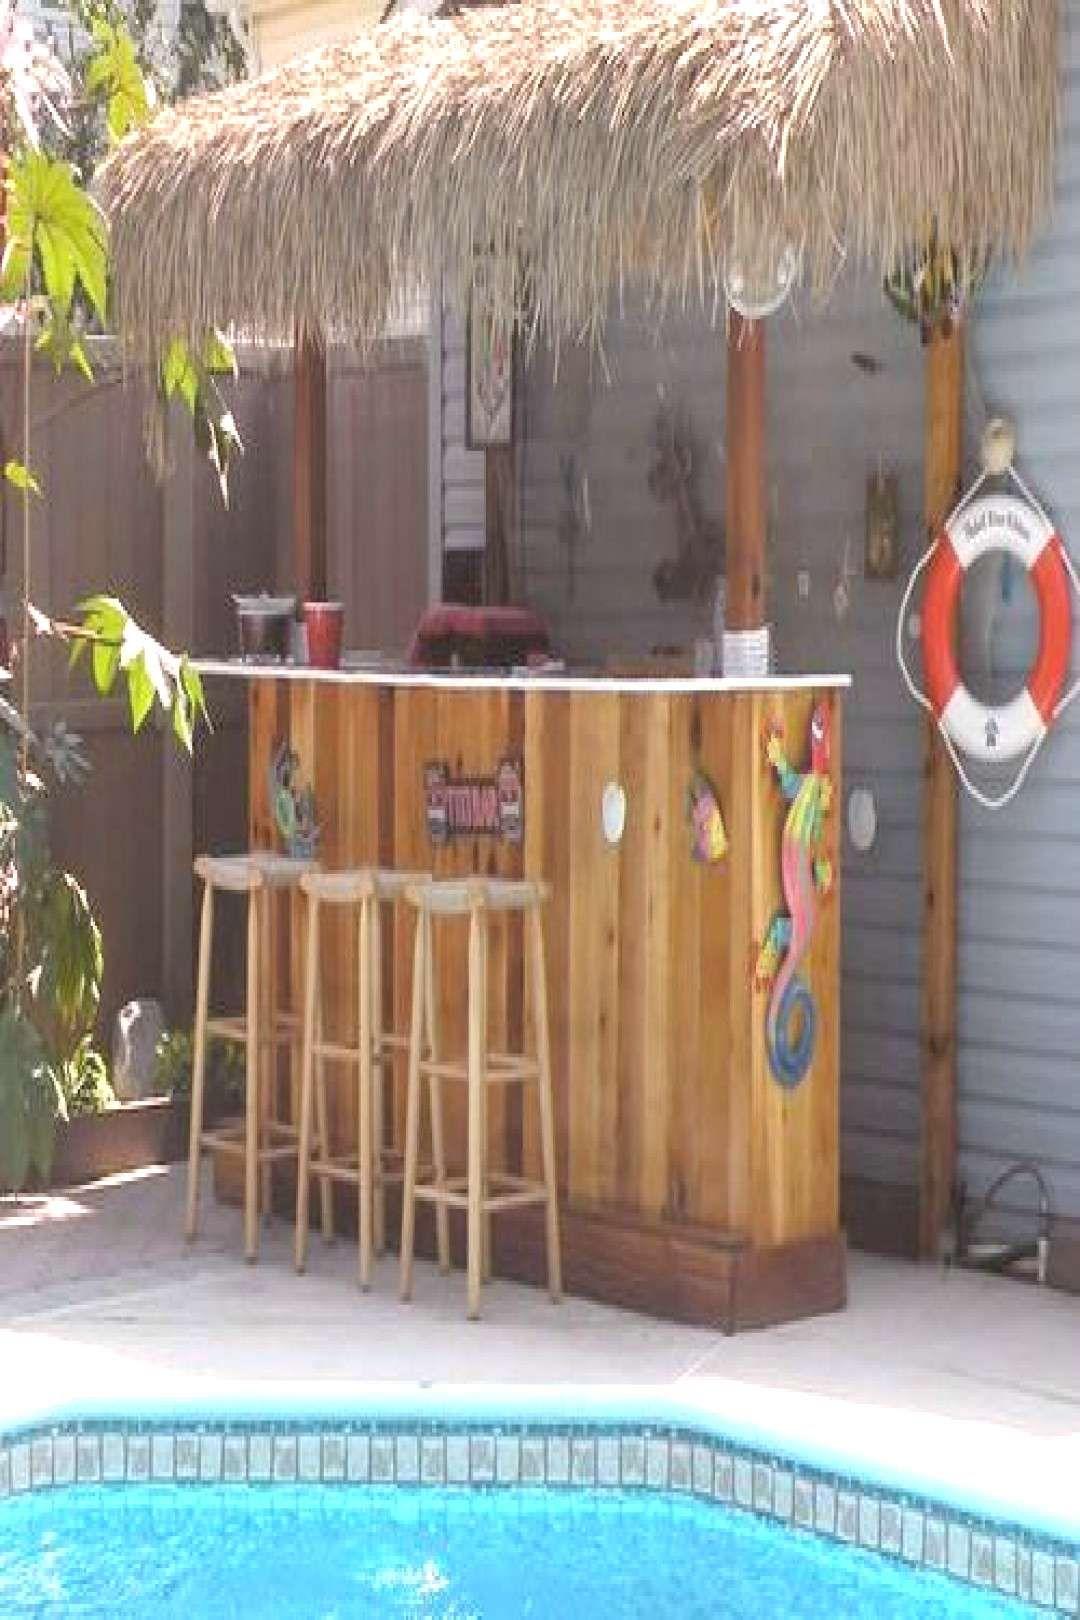 Beach & Tiki Bar Ideas for the Home & Backyard - Outdoor ...